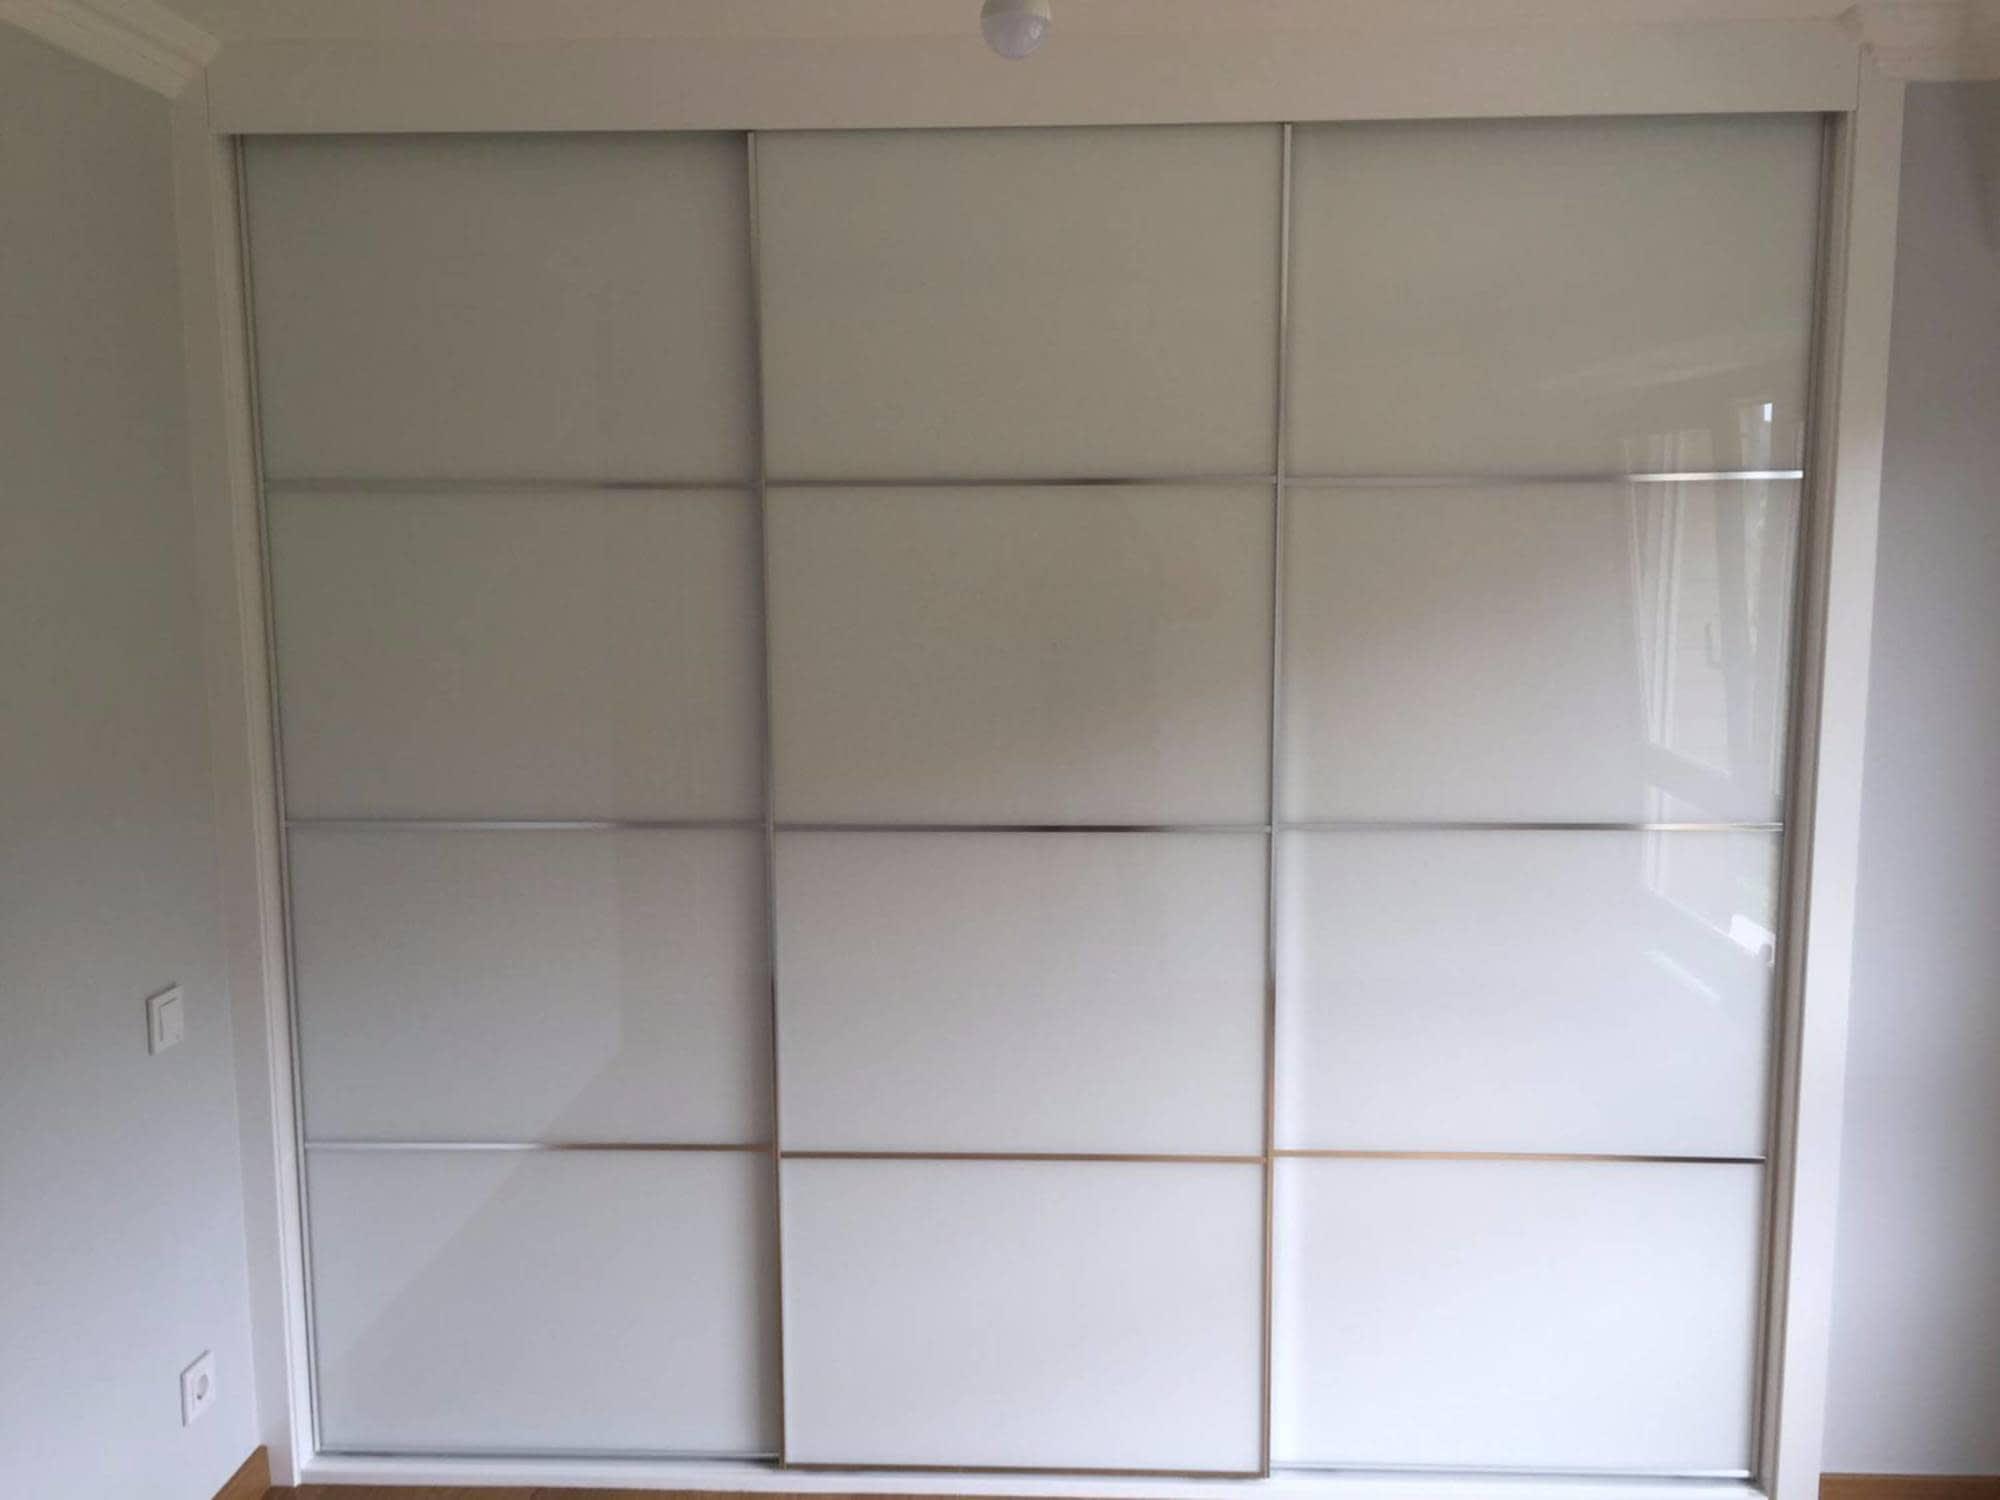 Herrajes armarios empotrados 24335 armarios ideas - Herrajes puertas correderas ...